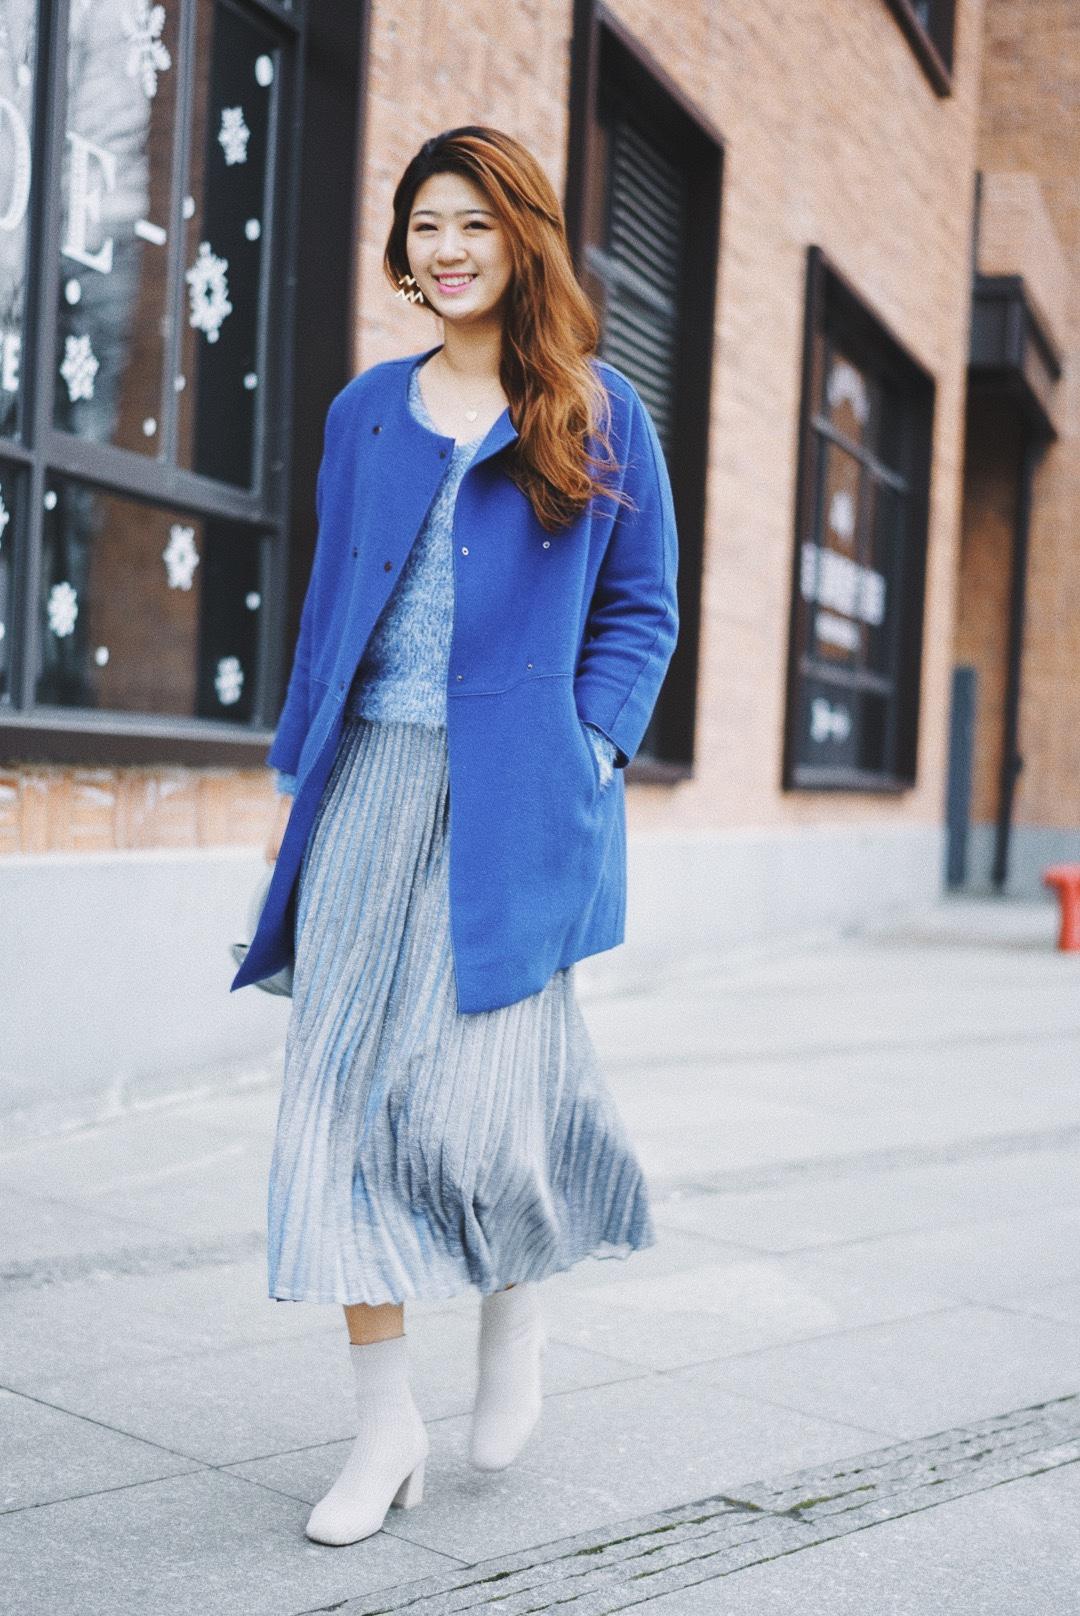 高个子穿搭| 今天是蓝色的💙 宝蓝色大衣穿了N次 却一次都没有留下照片 一件可以穿很多年都舍不得舍弃的大衣 今天特地搭配了一样主色系毛衣&buling半裙 渐变的刚刚好 给这个冬天加点色儿  #我的显白穿搭大公开#